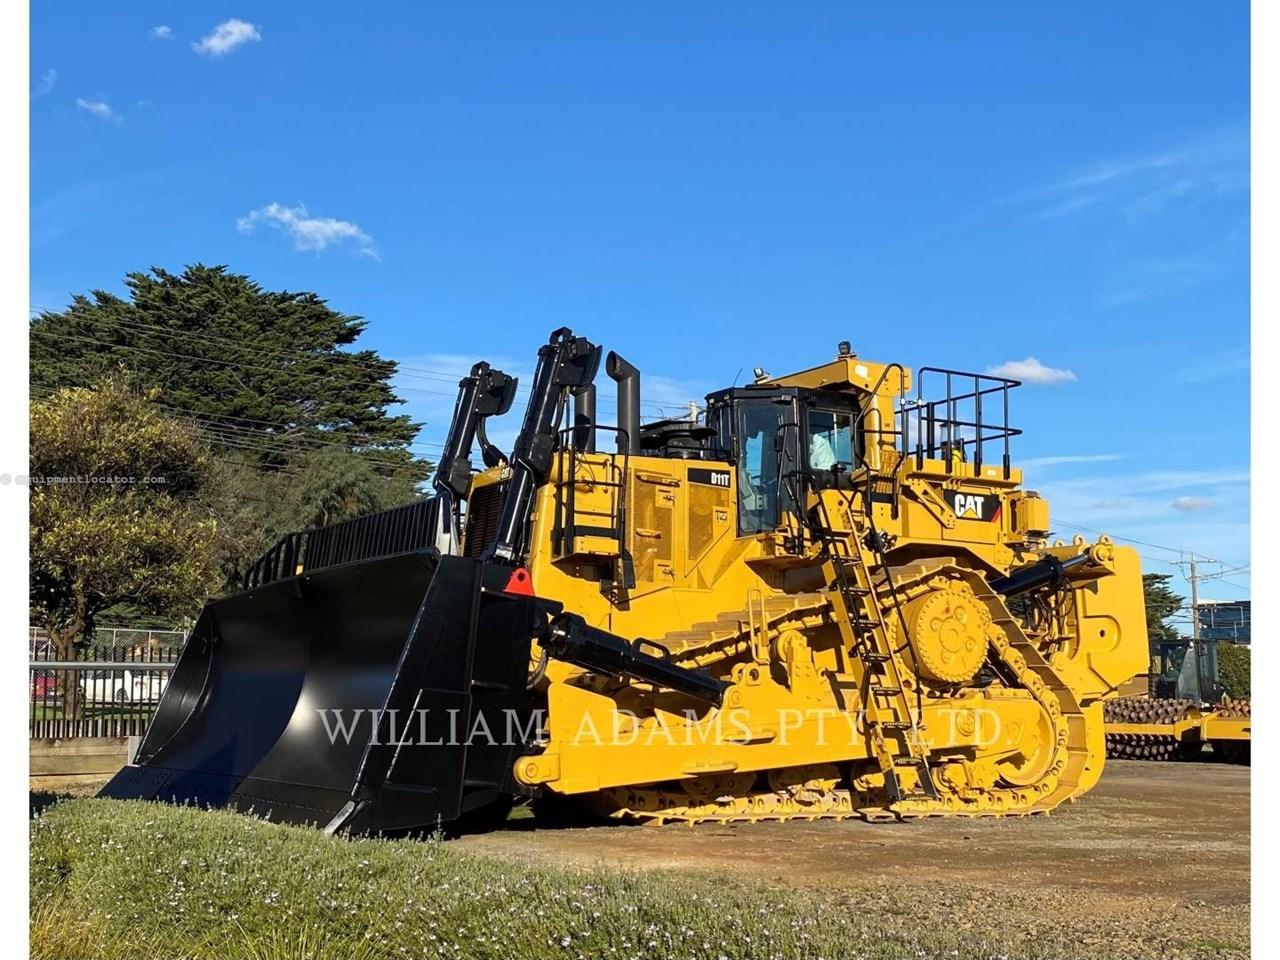 2019 Caterpillar D11T Image 1